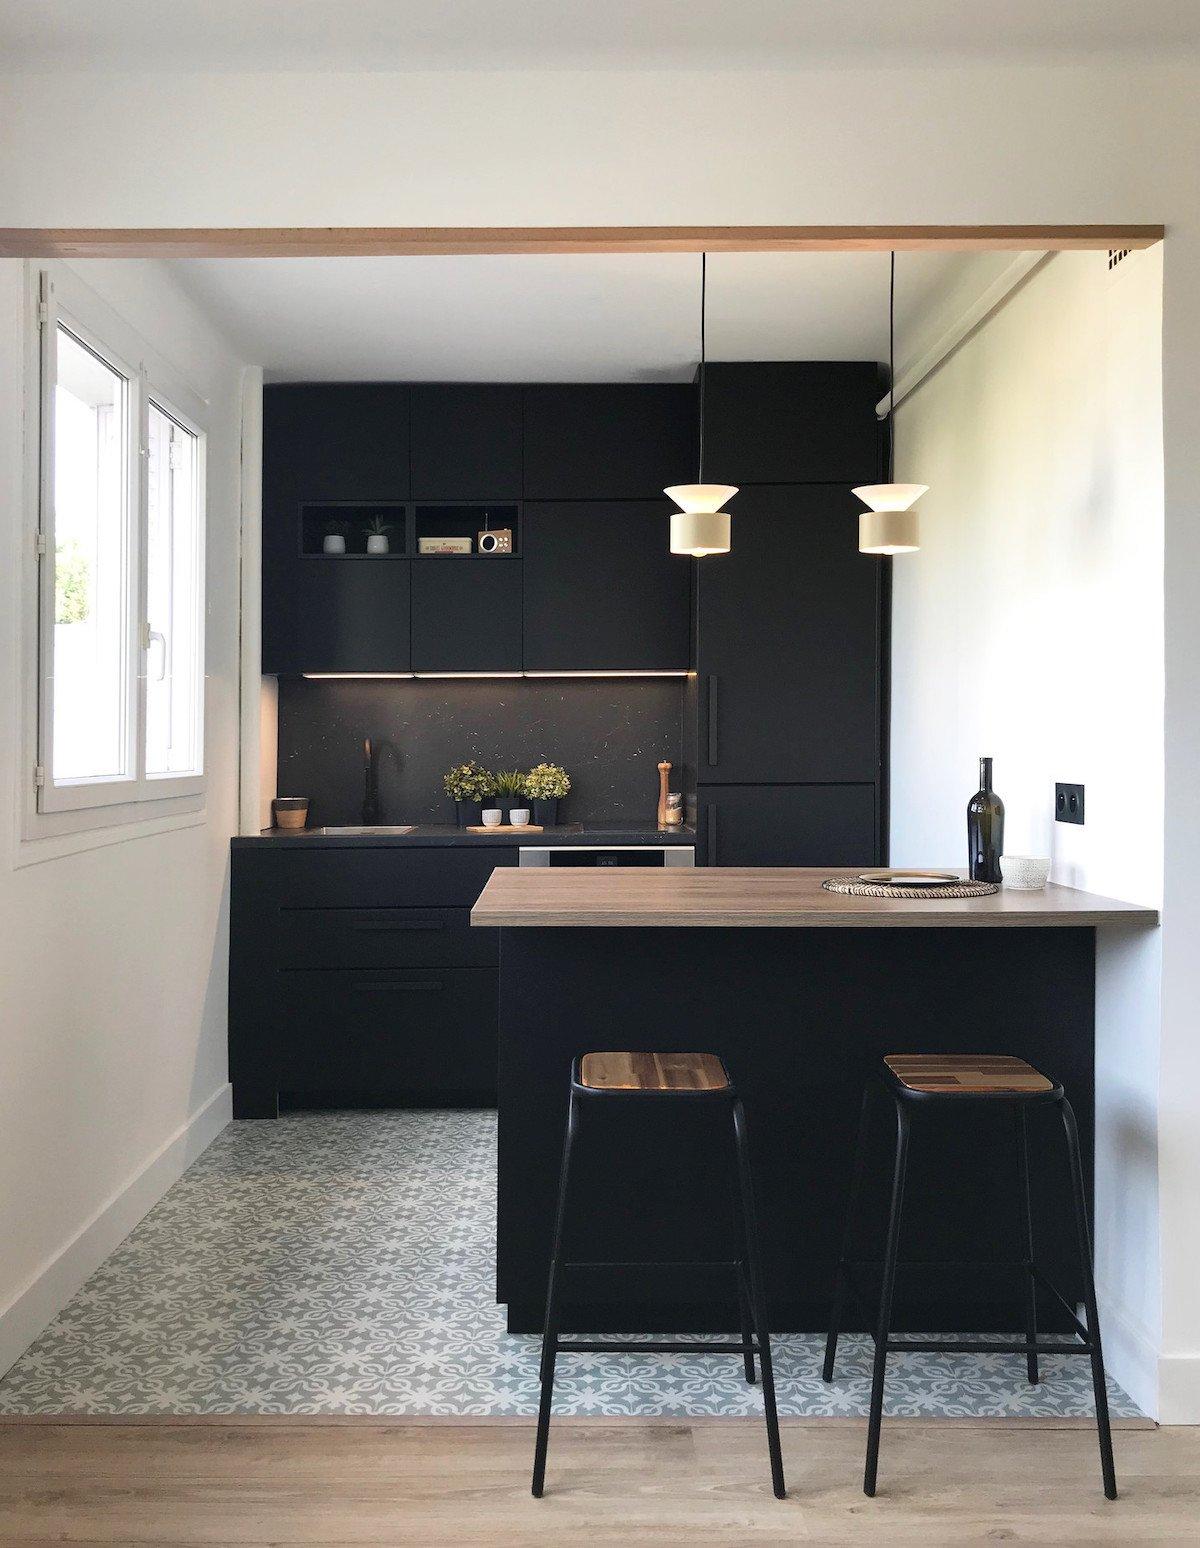 cuisine ouverte sur salon sol carreaux de ciment - blog déco - clem around the corner